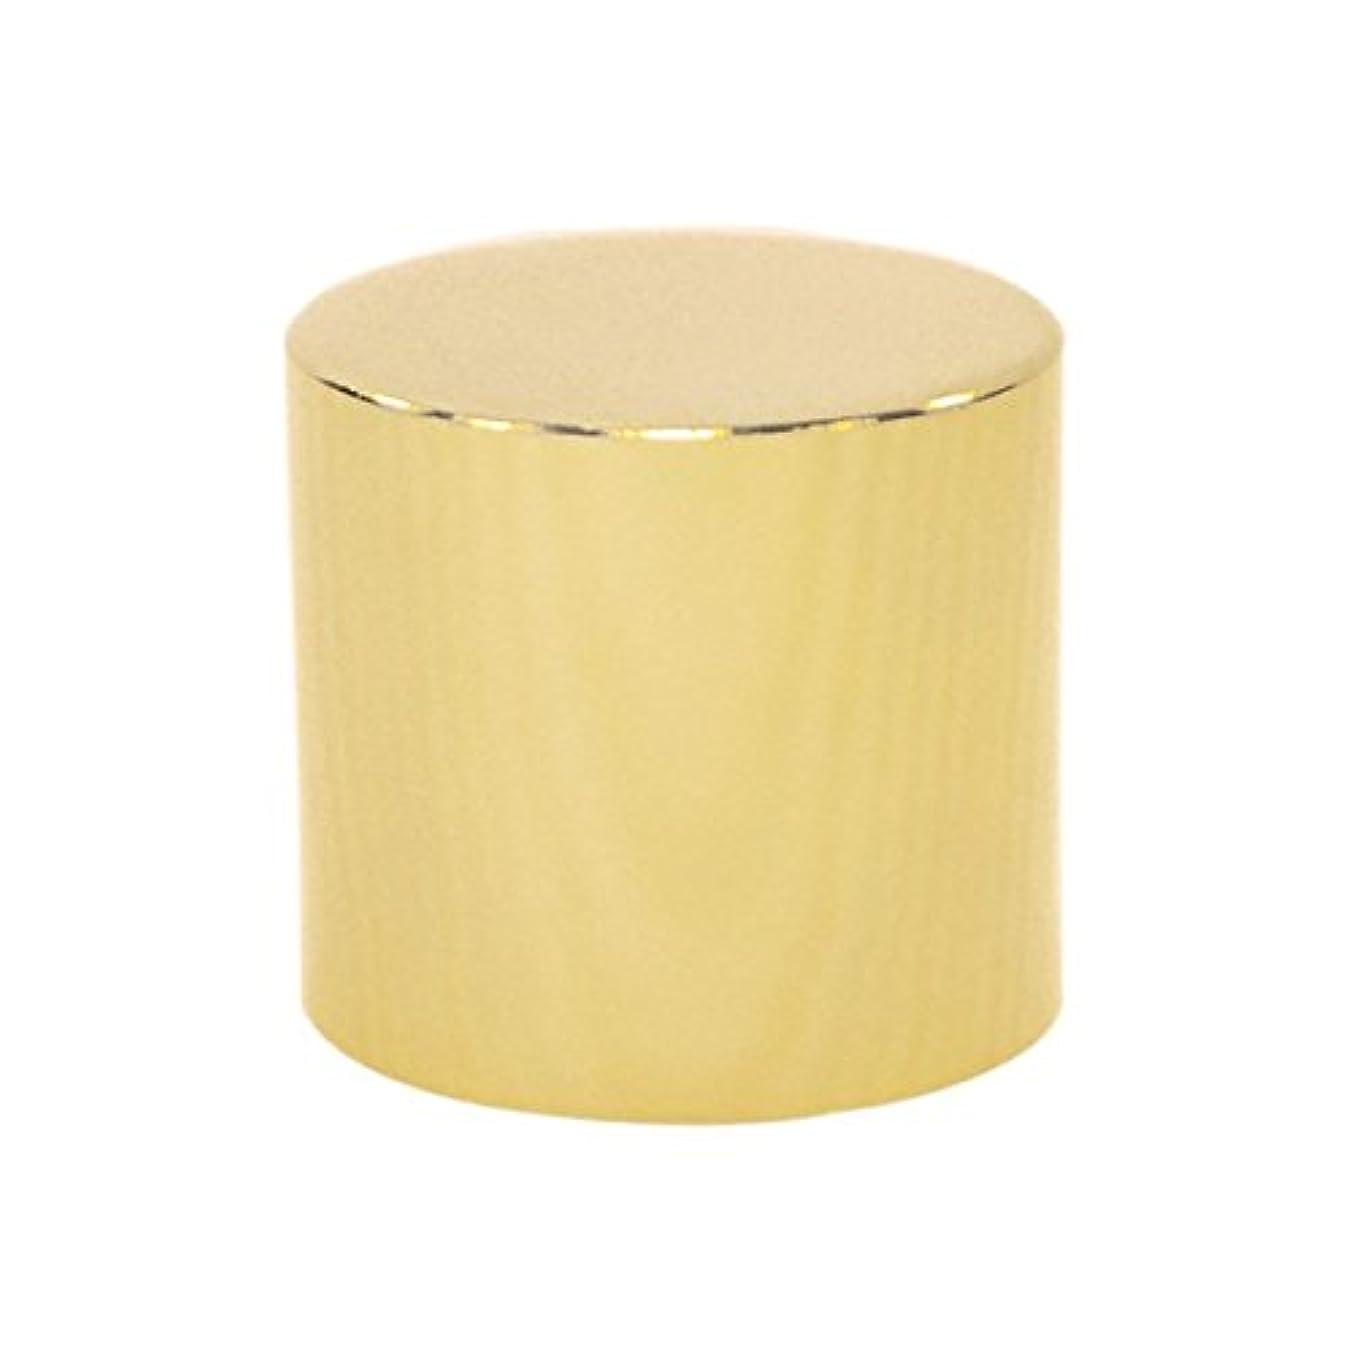 剪断平均移民ランプベルジェ(LAMPE BERGER)消火キャップ【正規輸入品】密閉蓋ゴールド